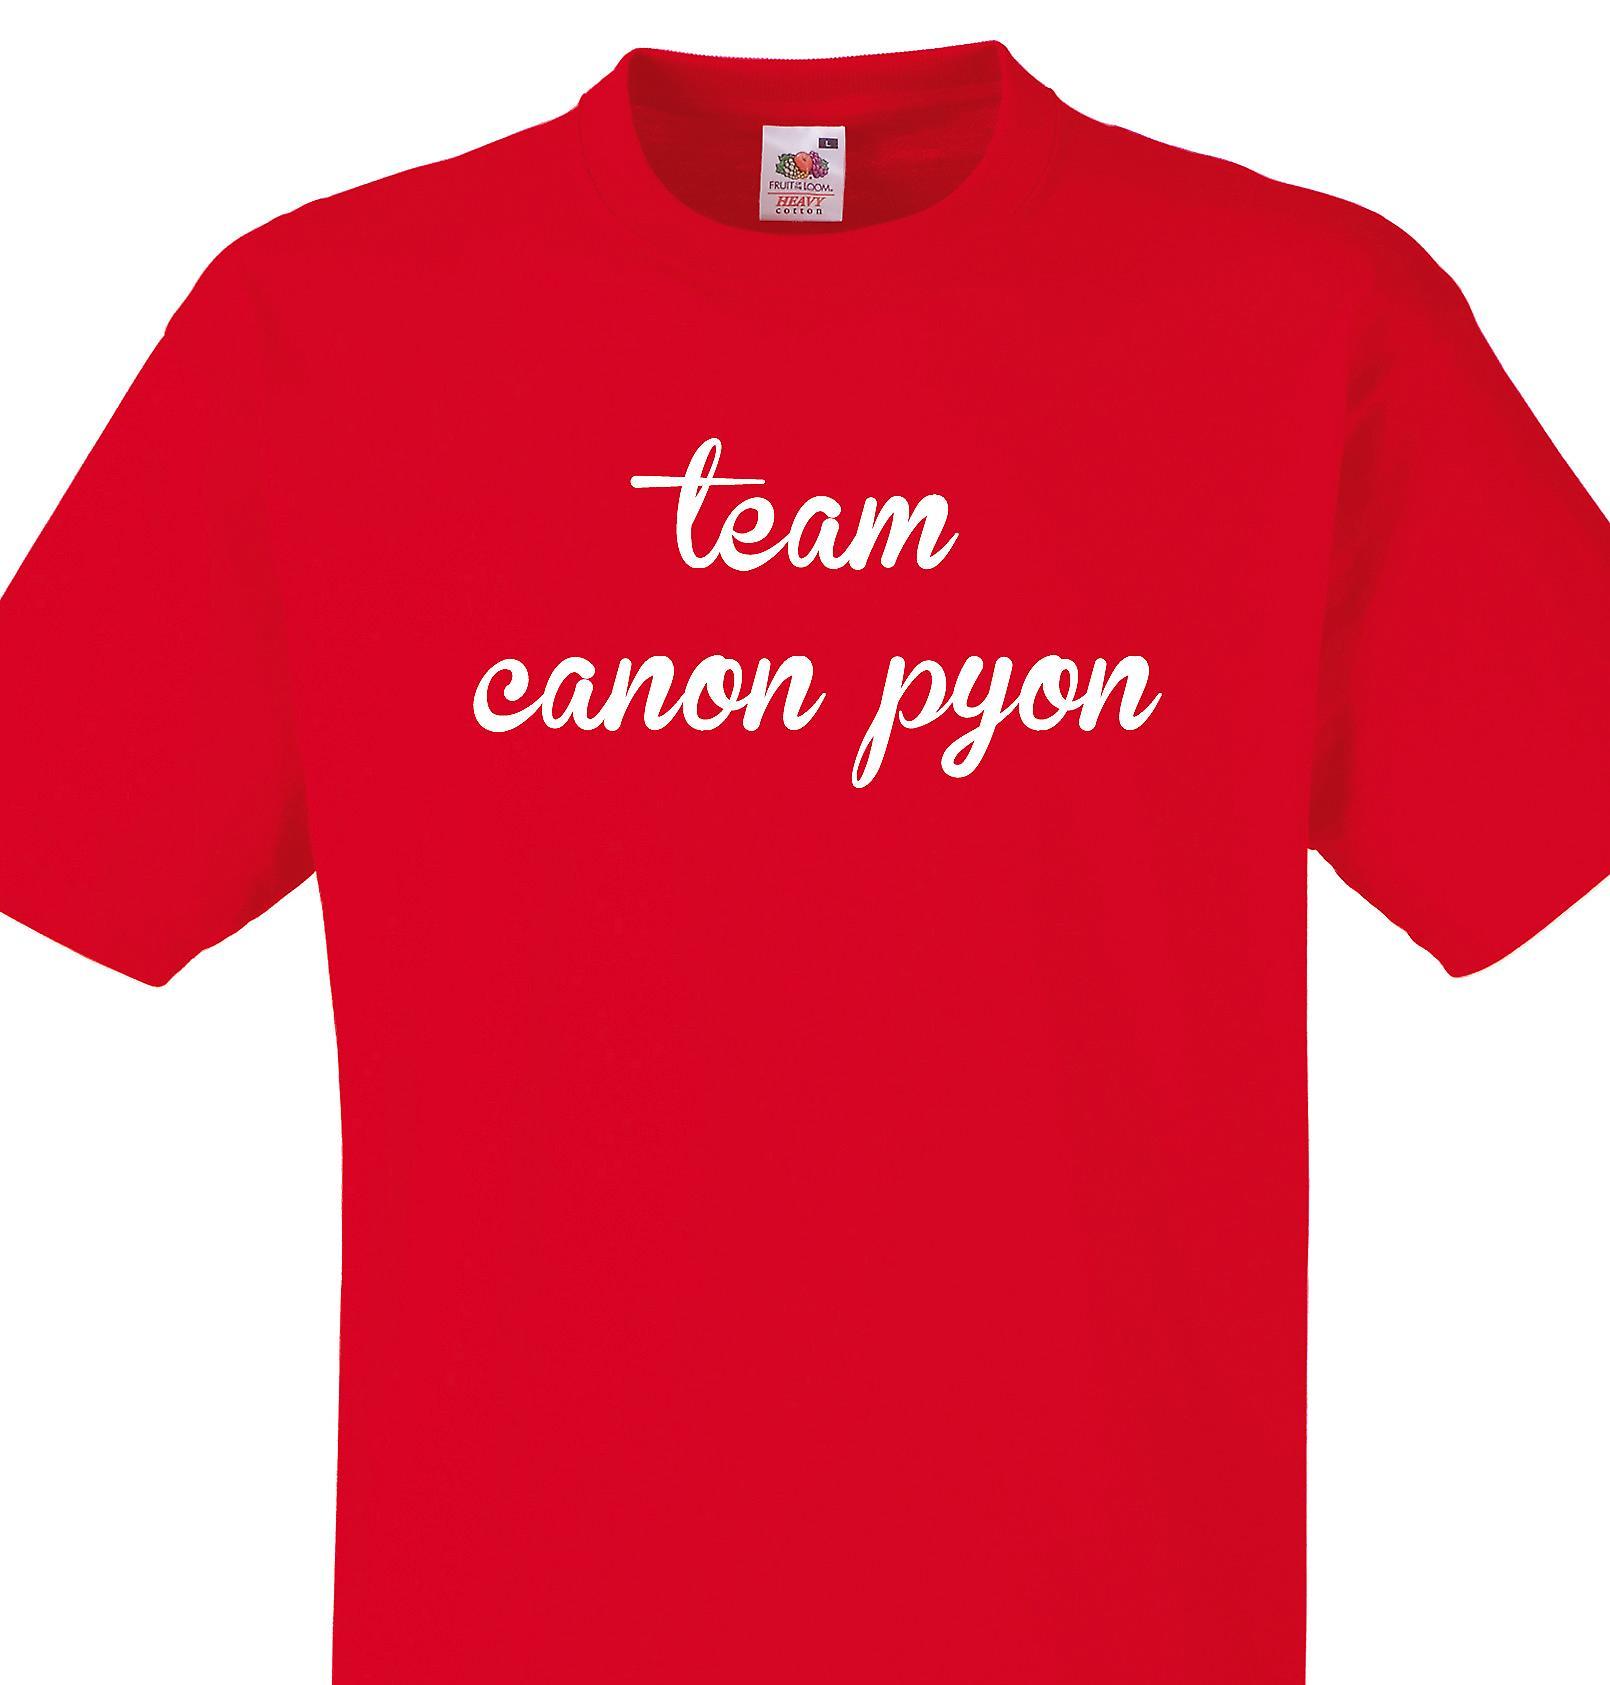 L'équipe de Canon pyon rouge T shirt